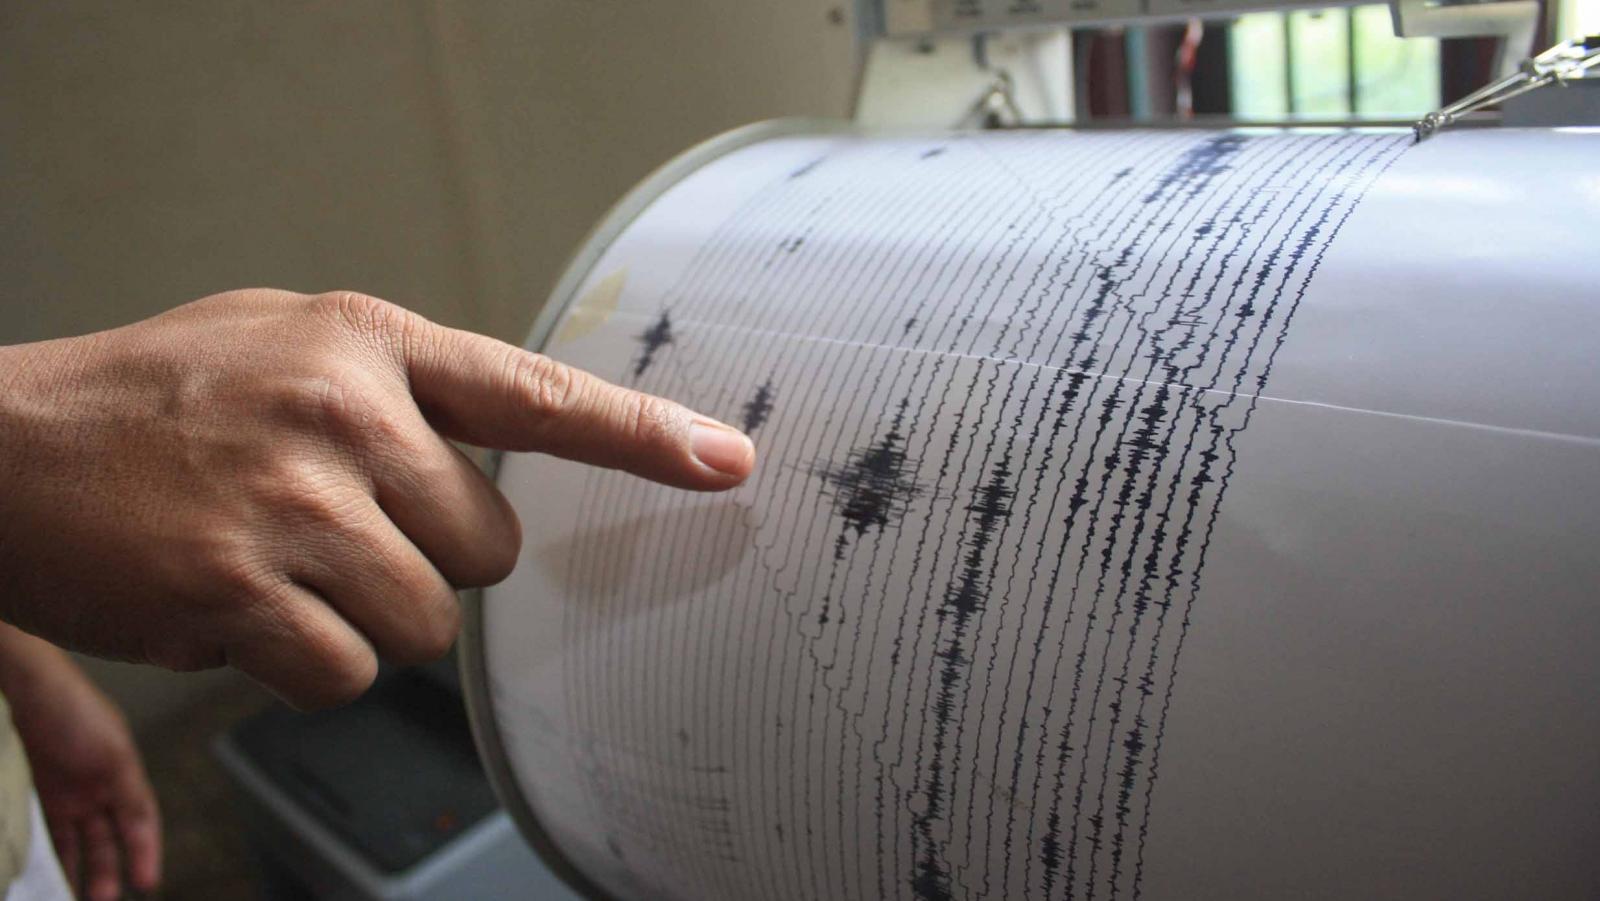 Trei cutremure în zona Vrancea în ultimele 24 de ore. Ultimul s-a produs la ora 8.48